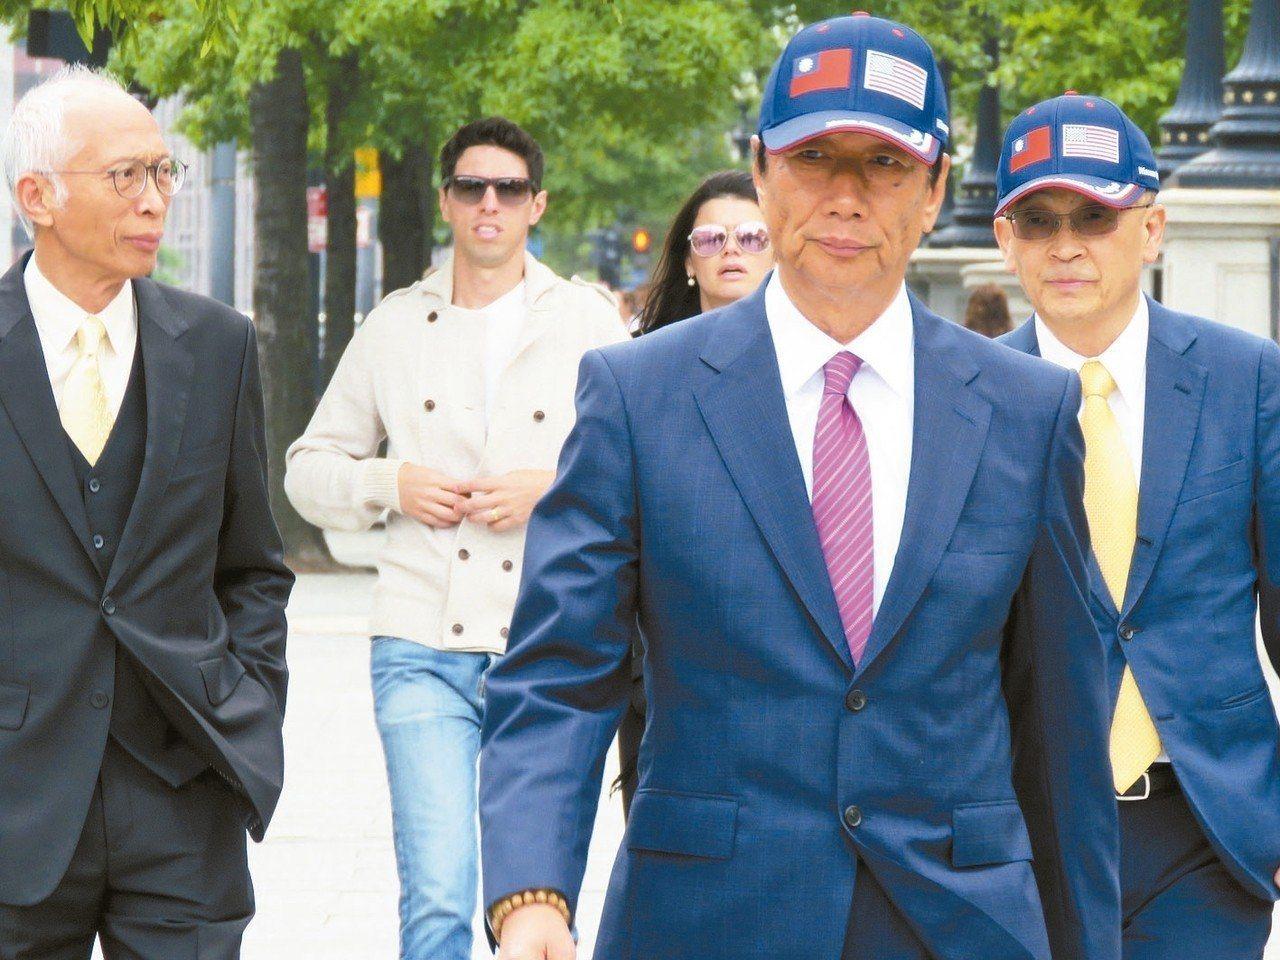 鴻海董事長郭台銘戴著美國與中華民國國旗的帽子進白宮,他也送了一頂給川普。記者張加...